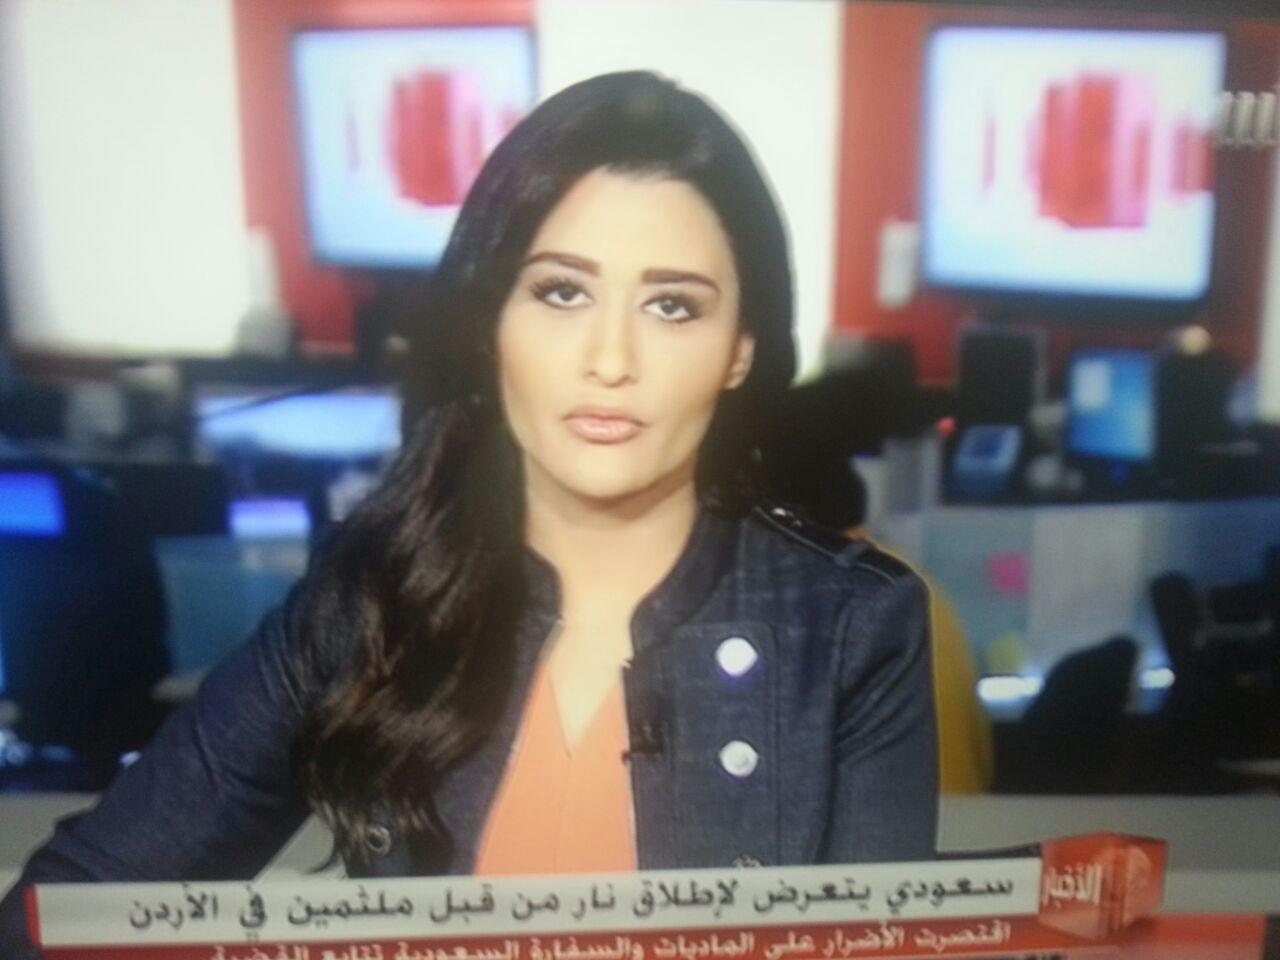 بالفيديو والصور :  مذيعة قناة (MBC) تفتح النار على الاردنيين .. بإتهامهم بتشكيل عصابات سرقة منظمة